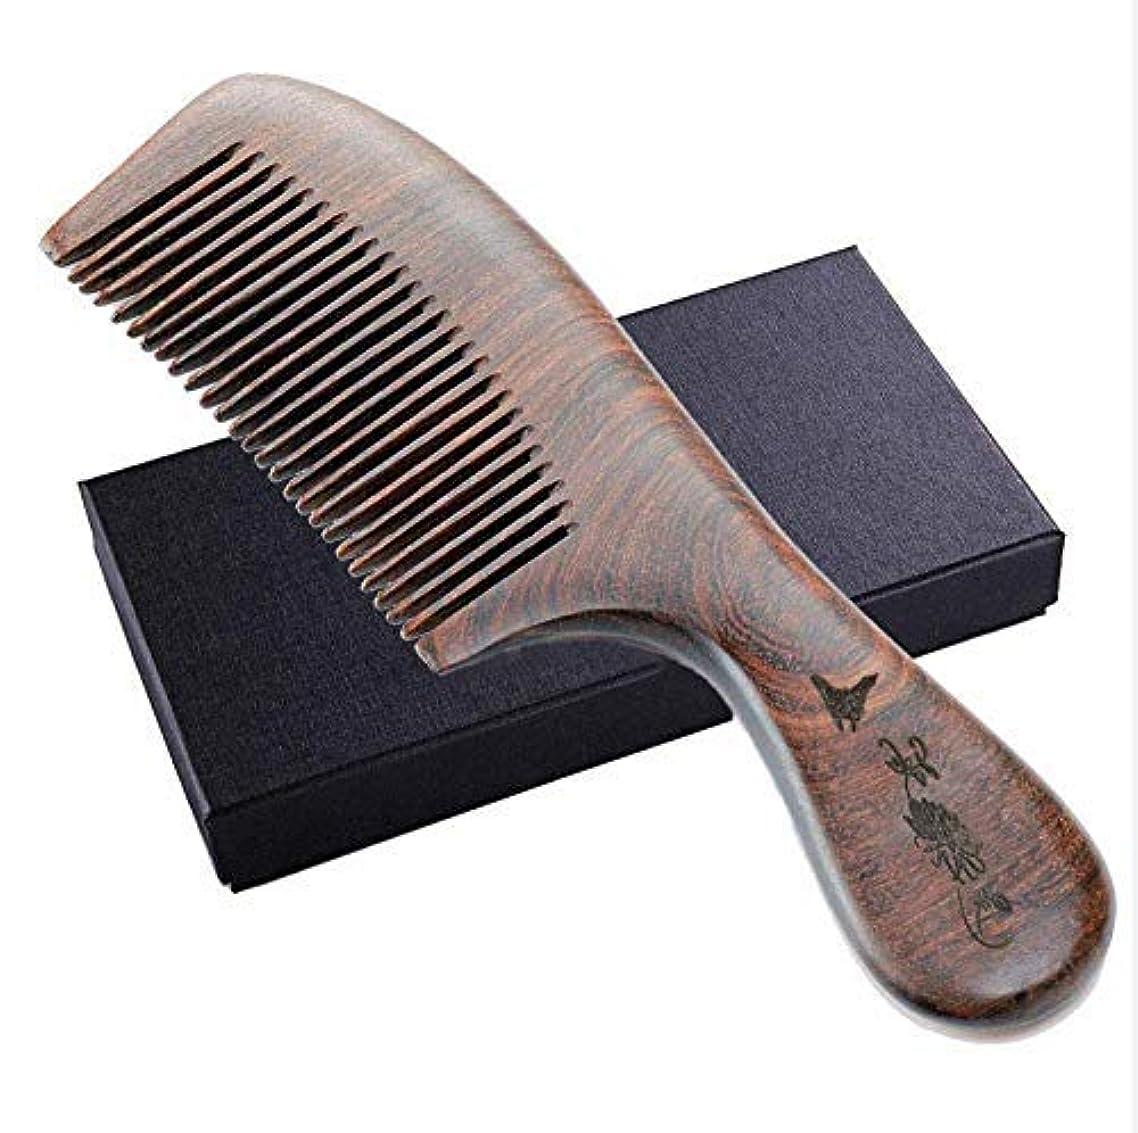 たまに分プレゼンテーションWooden Hair Comb, Anti-Static, Detangling Fine Tooth Shower Comb,No Static Natural Wooden Sandalwood Comb for...